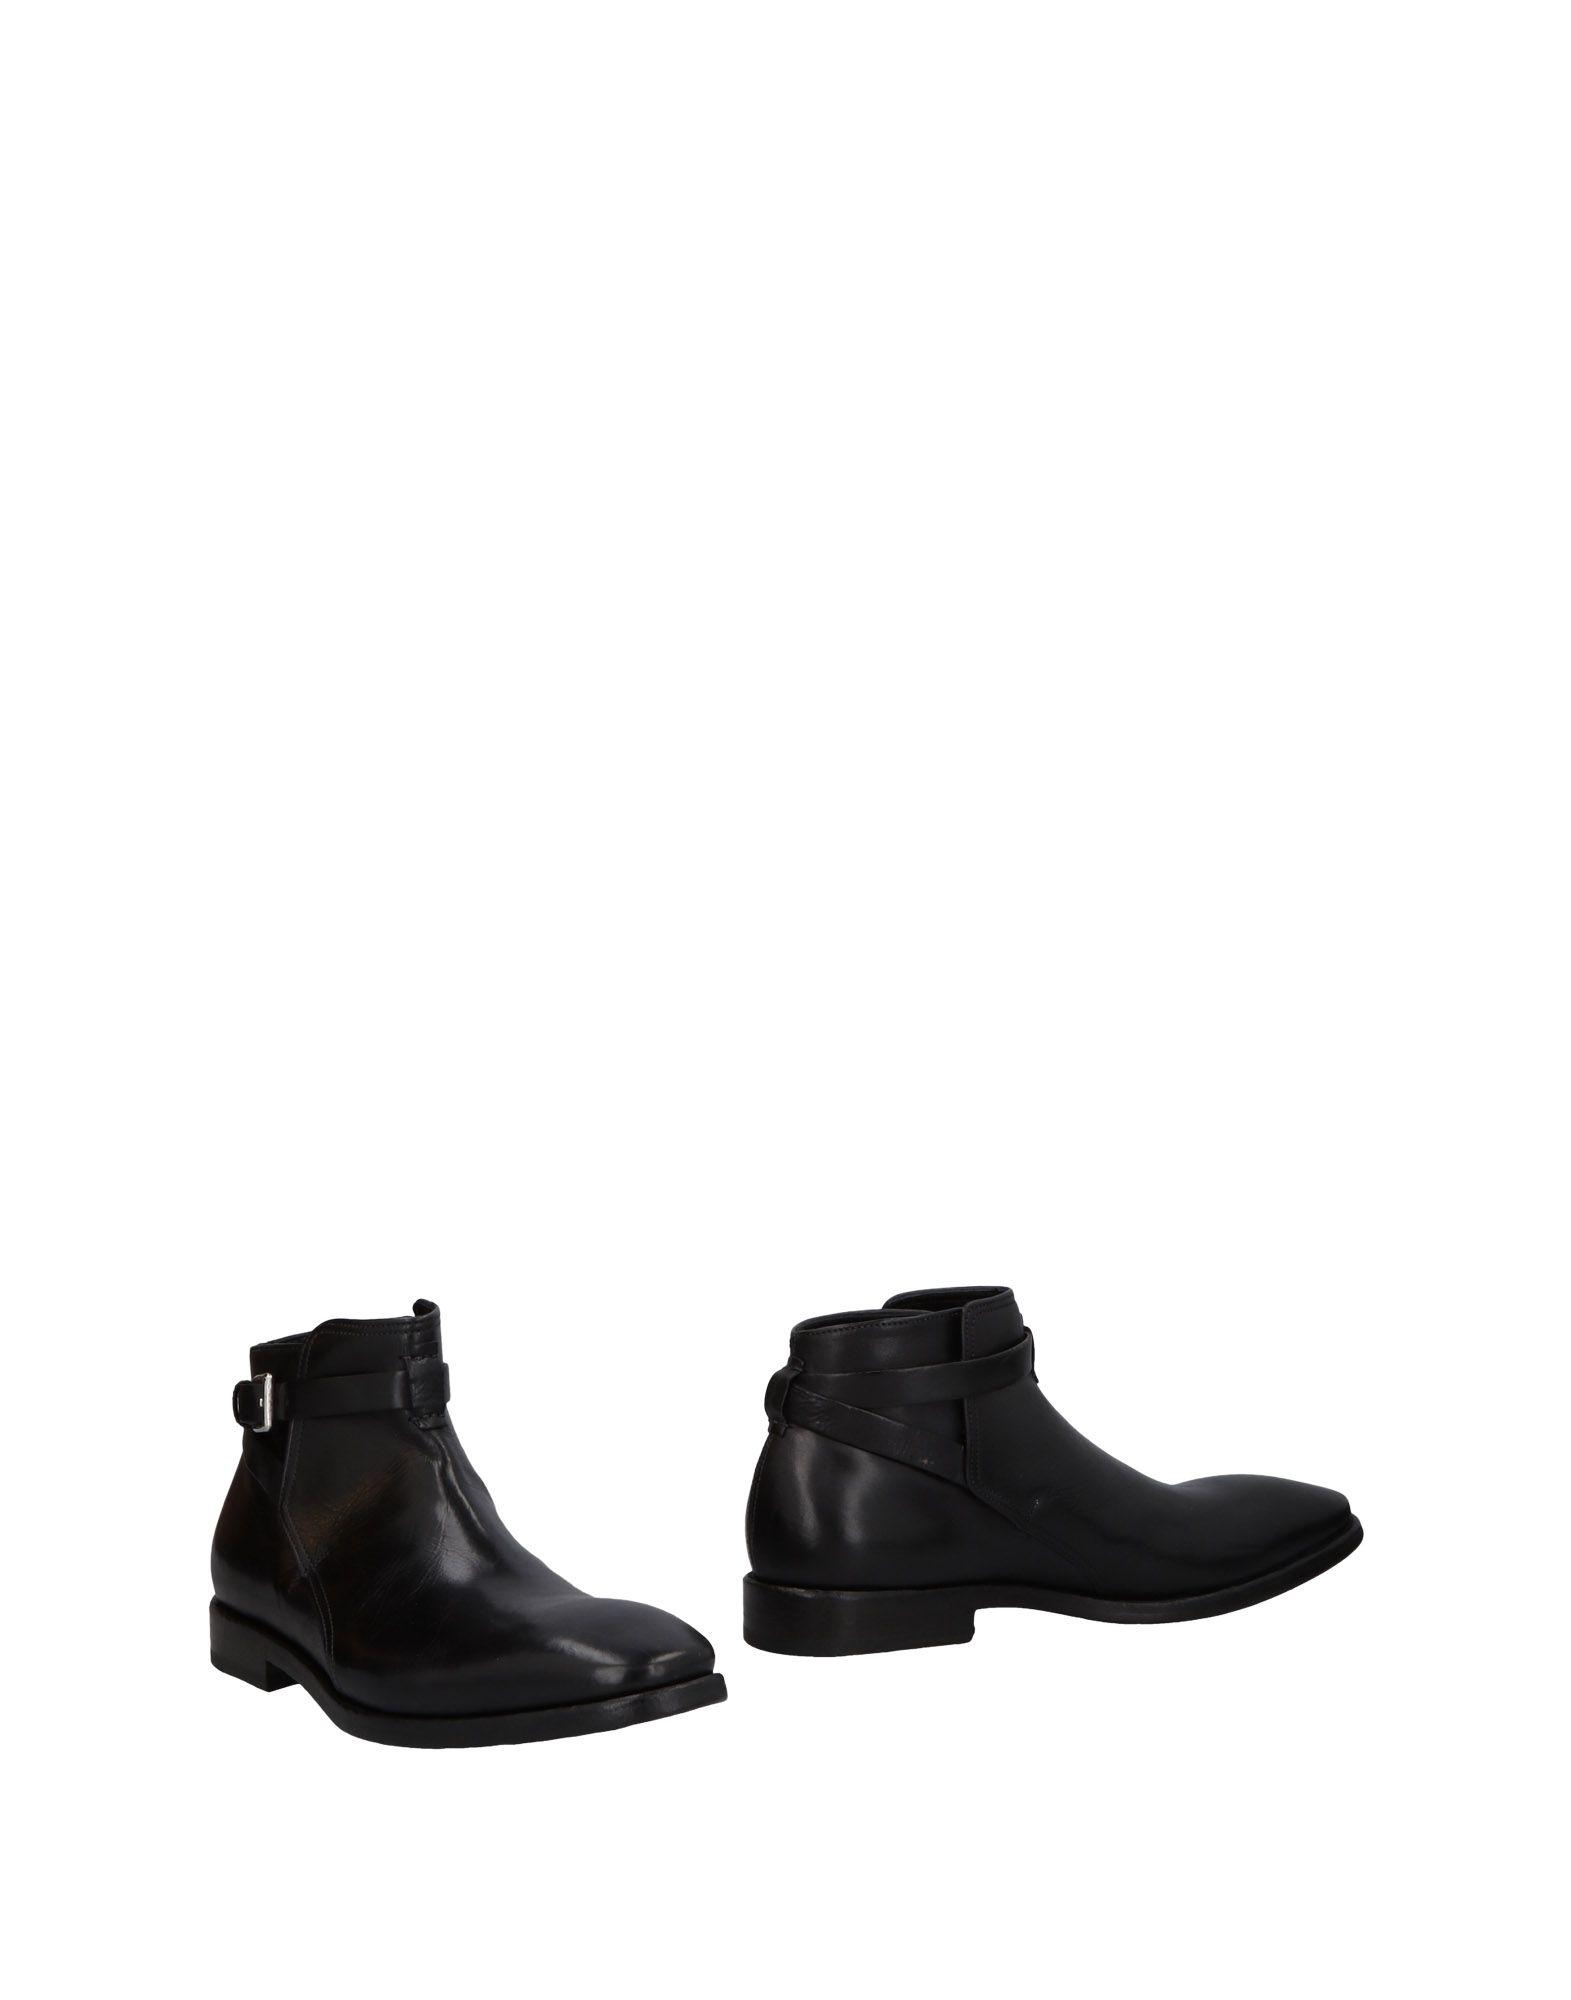 Preventi Stiefelette Herren  11478373JN Gute Qualität beliebte Schuhe